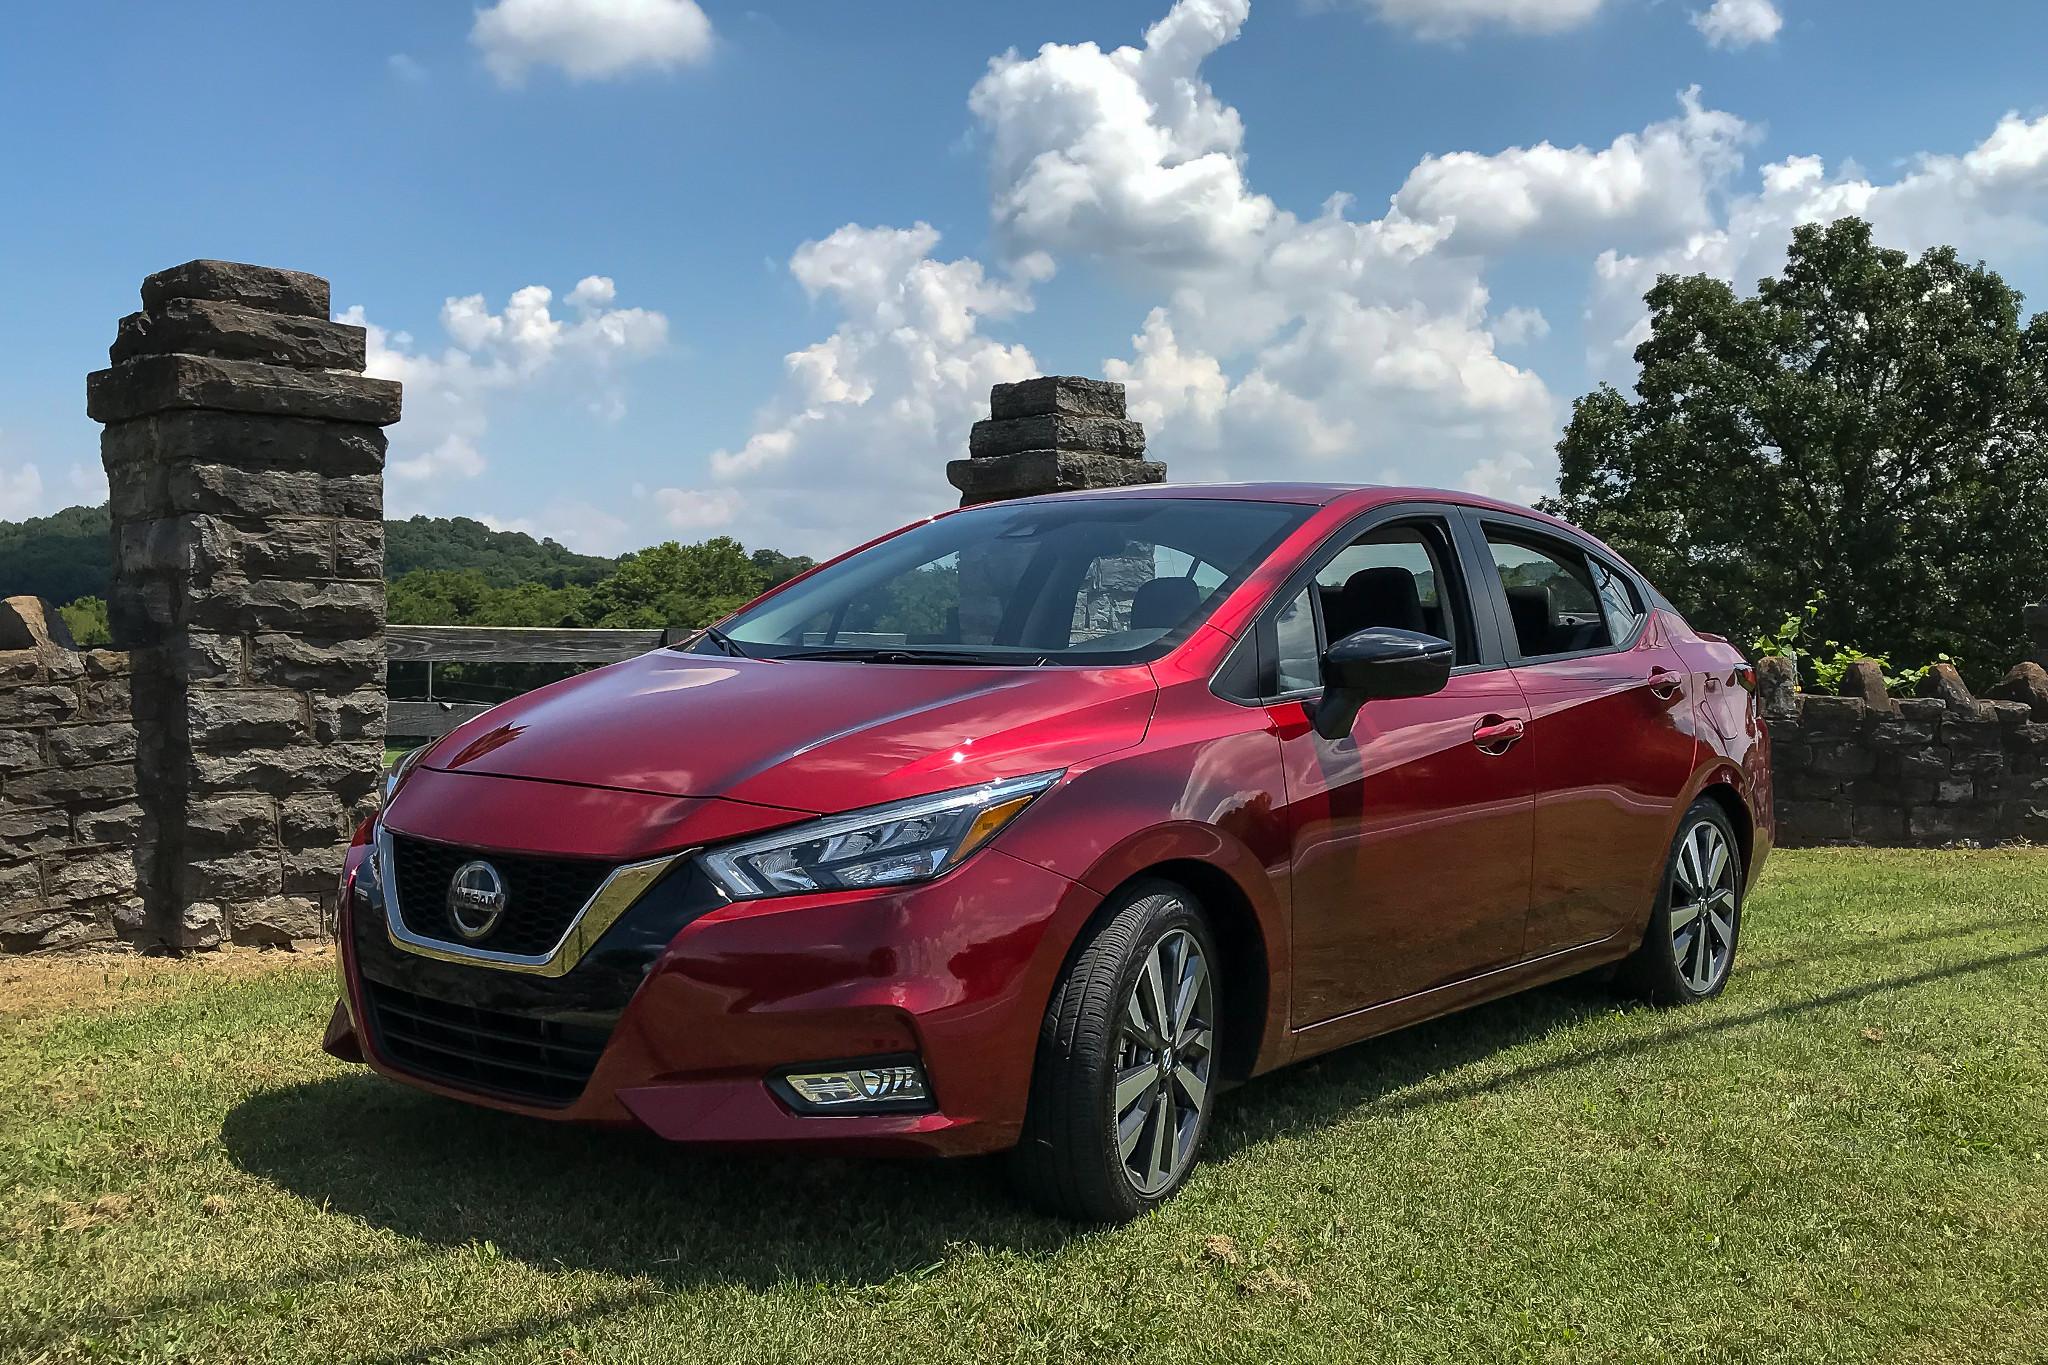 2020 Nissan Versa First Drive: Still Cheap But Not as Basic